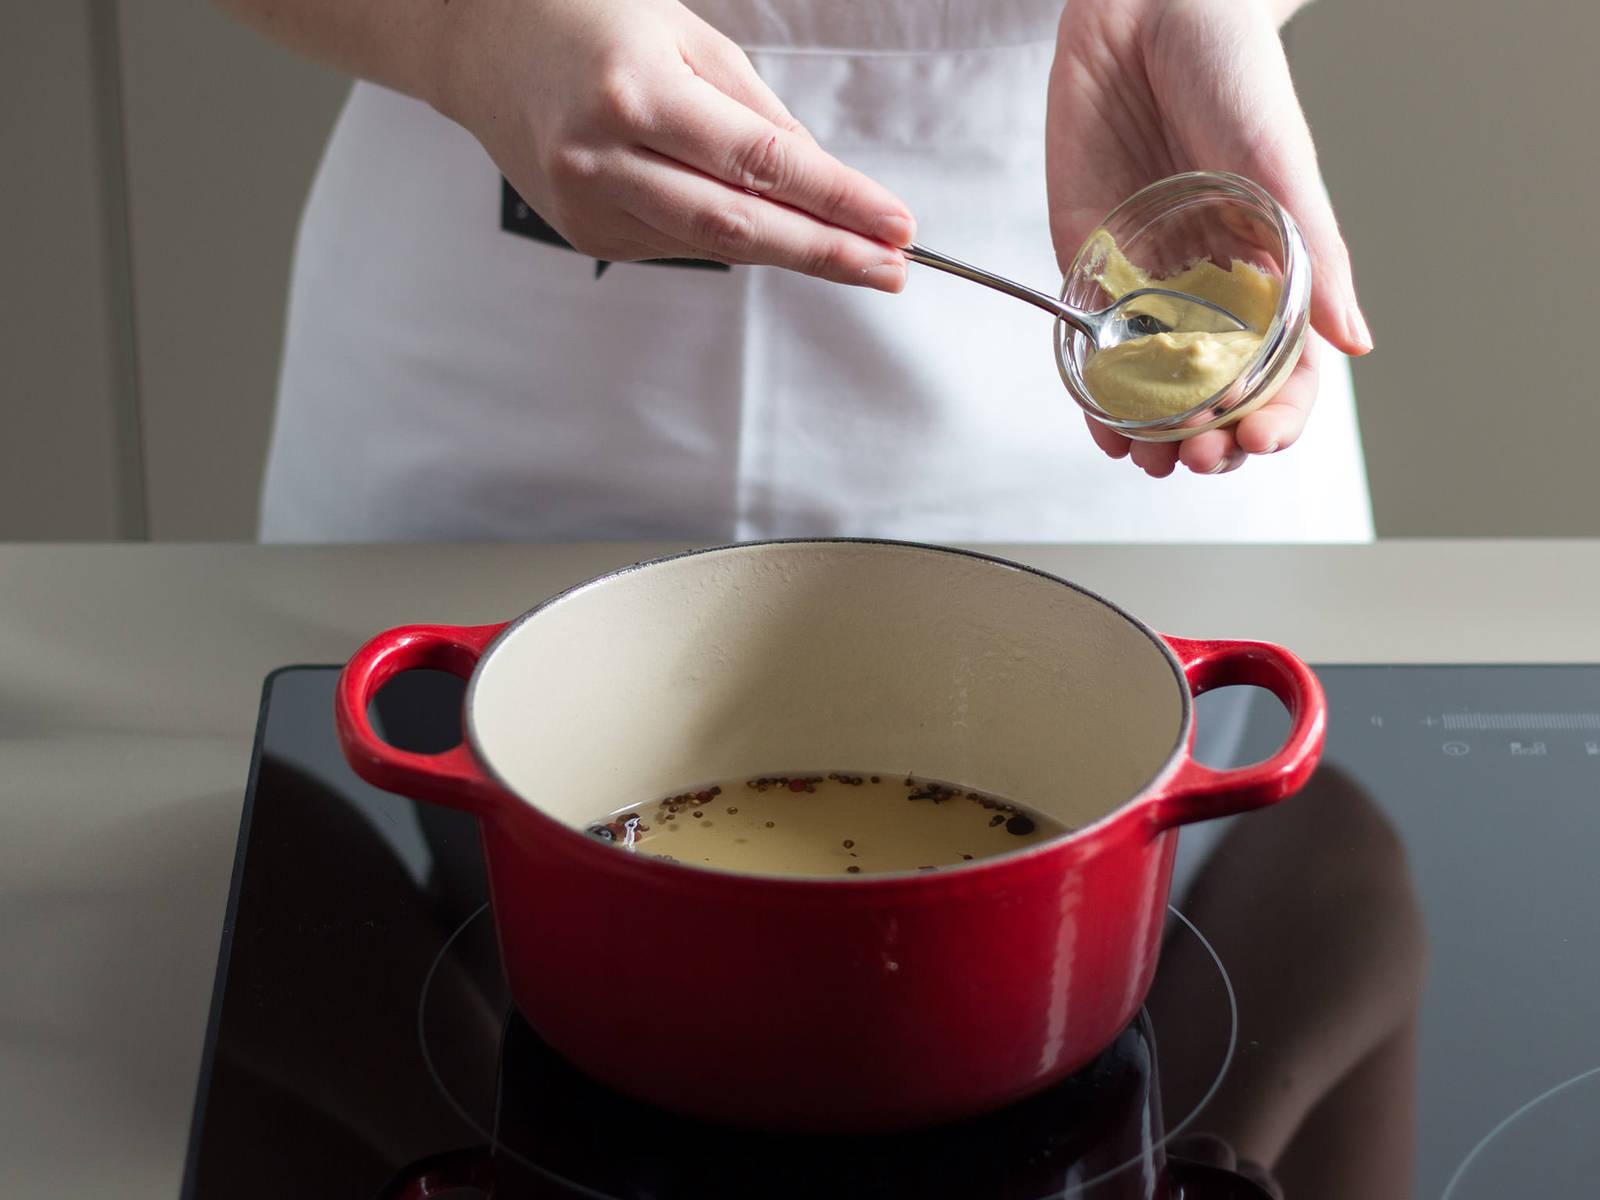 Wacholderbeeren, Koriandersamen, Nelken, Pfefferkörner, Senf, Wasser, Weißwein, Zucker und Salz in einen kleinen Topf geben und bei mittlerer Hitze ca. 5 – 10 Minuten kochen.